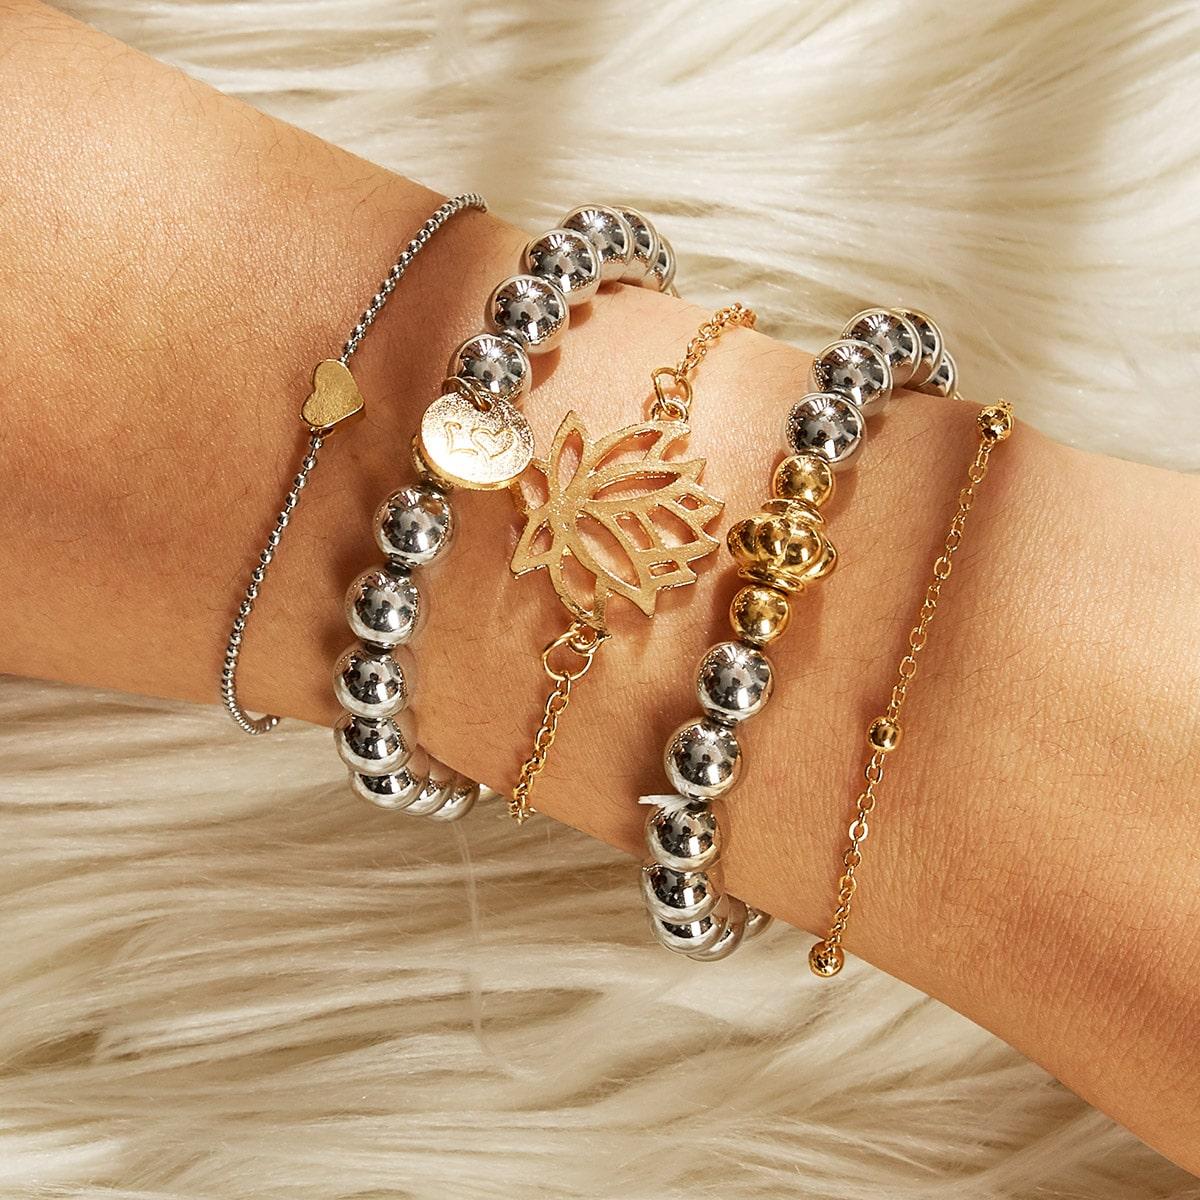 Armband mit Lotus Dekor und Perlen Dekor 5 Stücke